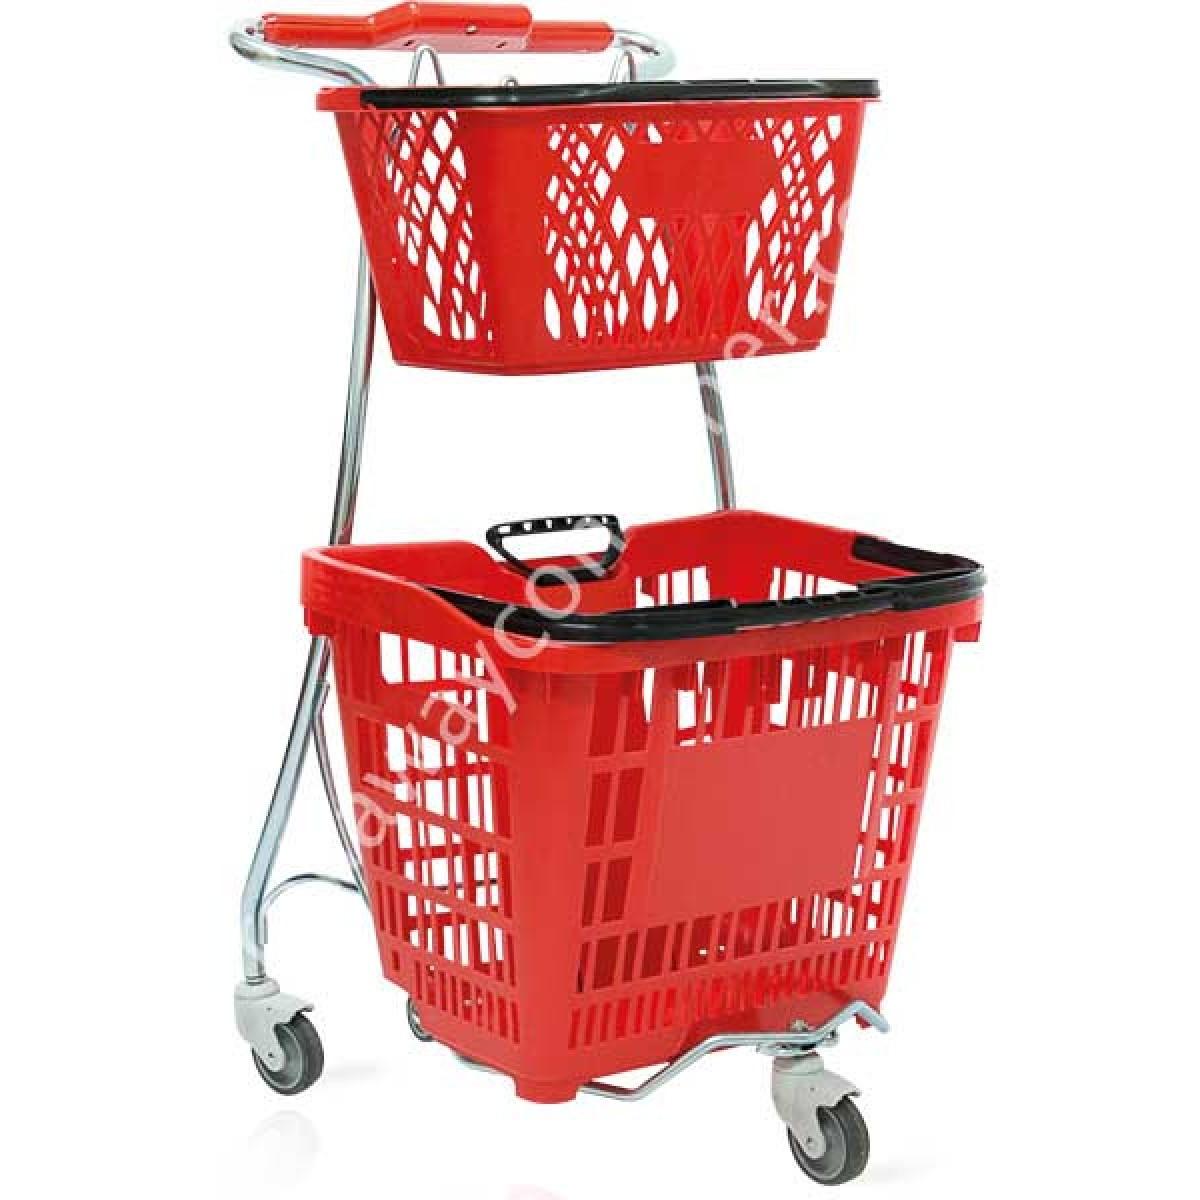 Carrello spesa in acciaio porta cestini in plastica per for Carrello portalegna da arredamento